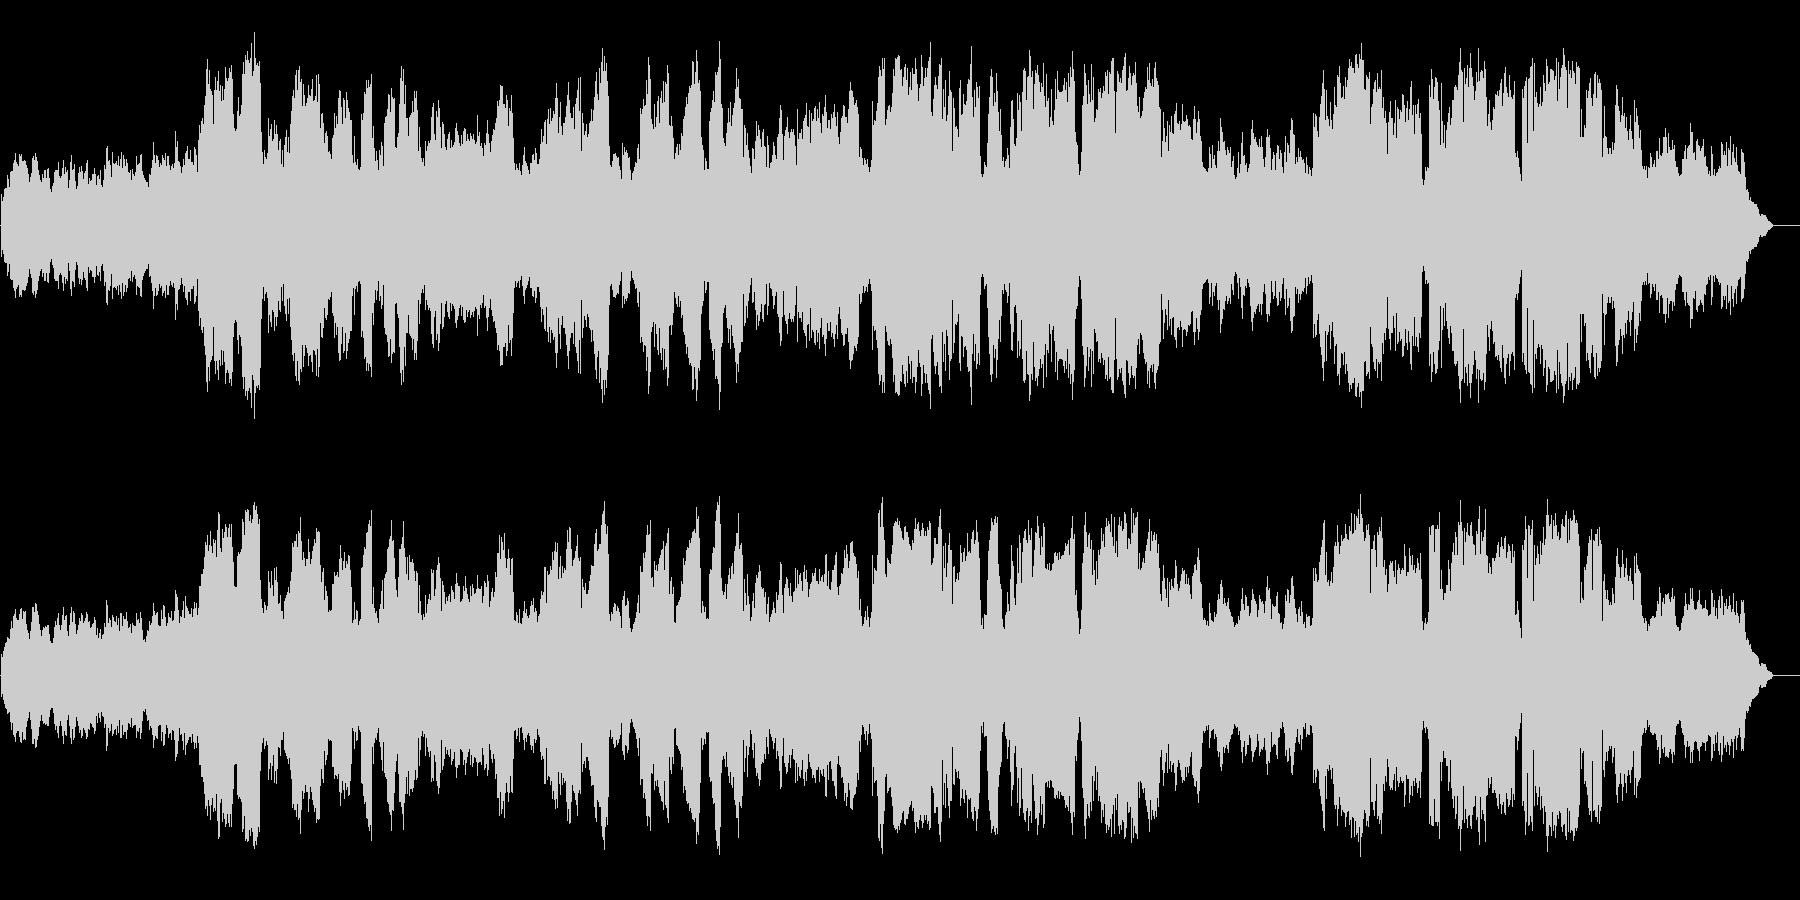 静かな場所でのBGMに向く楽曲です。鼻…の未再生の波形